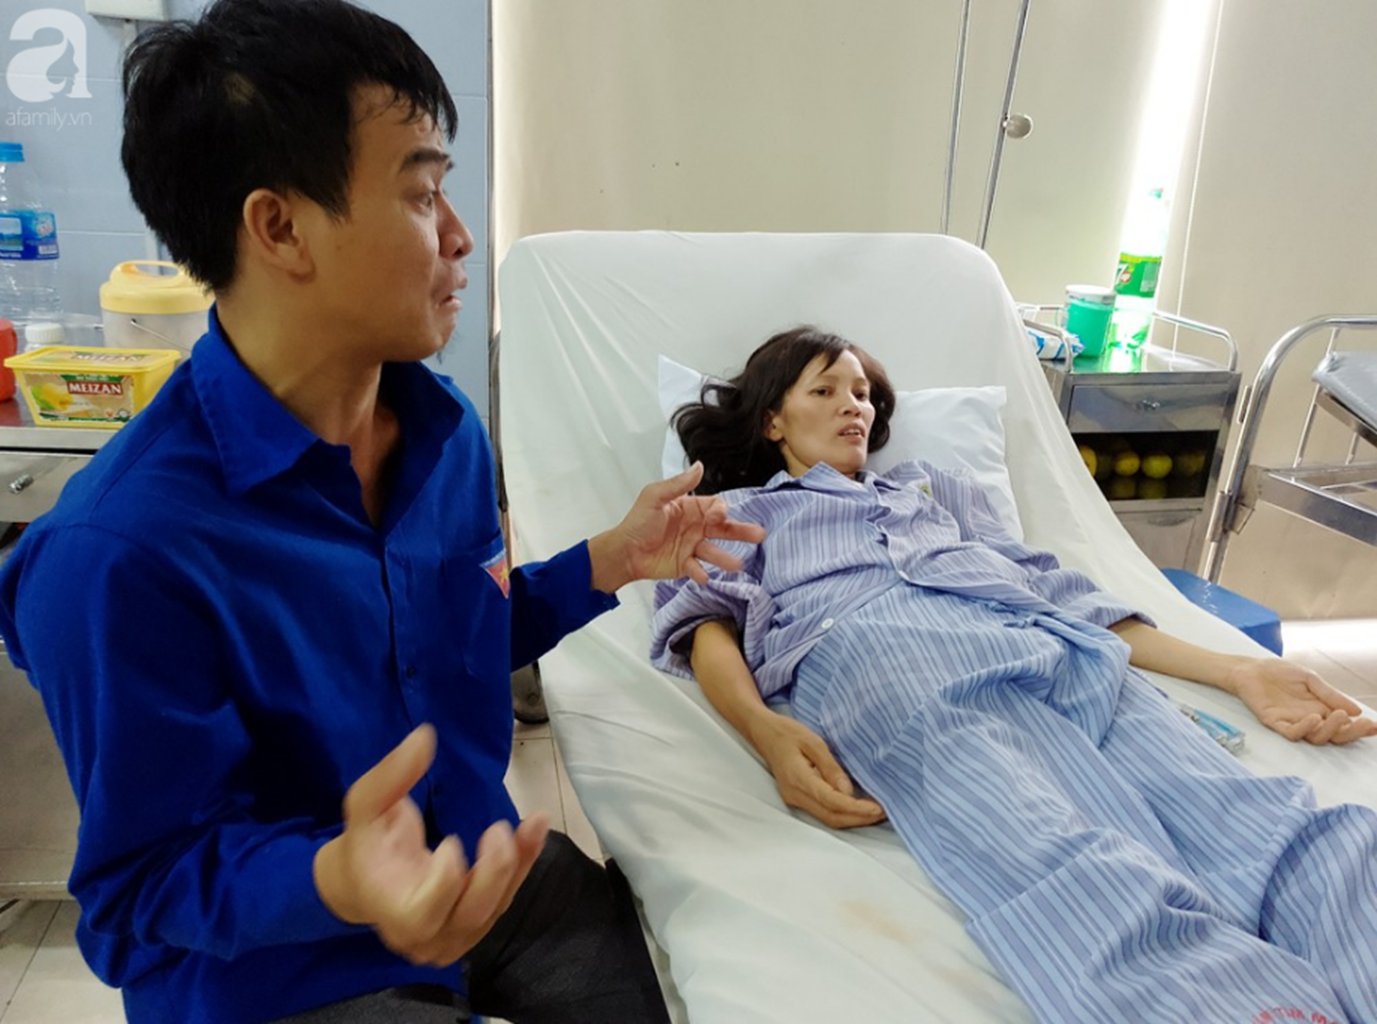 Nam Định: Chàng trai trẻ tàn tật khóc tuyệt vọng khi vợ hơn gNam Định: Chàng trai trẻ tàn tật khóc tuyệt vọng khi vợ hơn gần 10 tuổi lên cơn đau tim mà không tiền chạy chữa-1